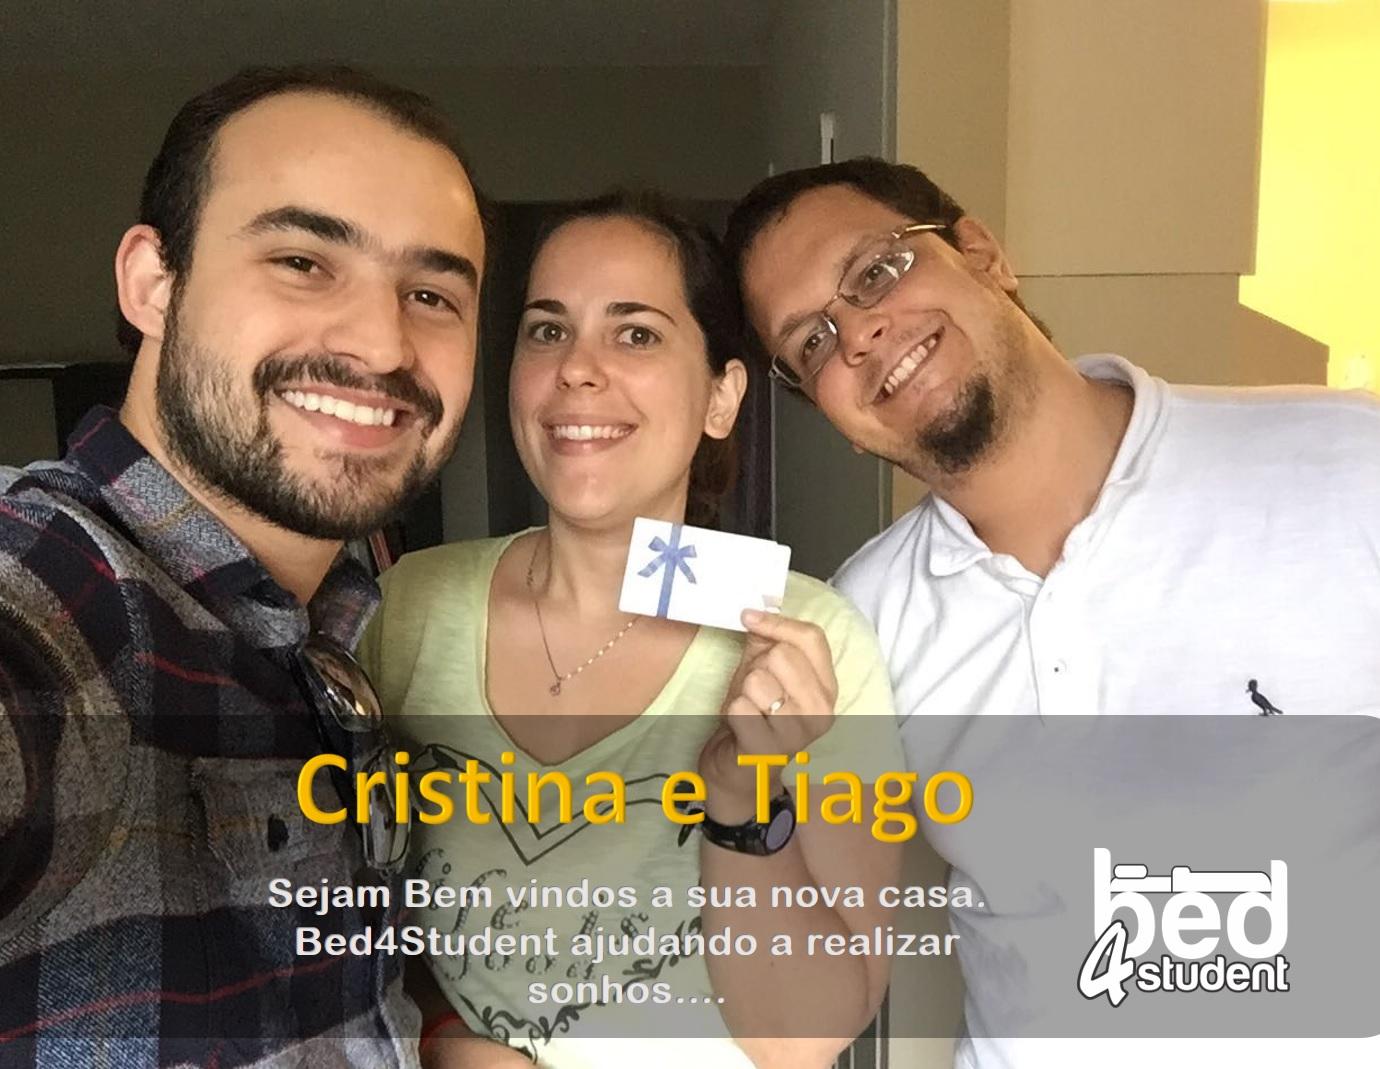 Cristina e Tiago